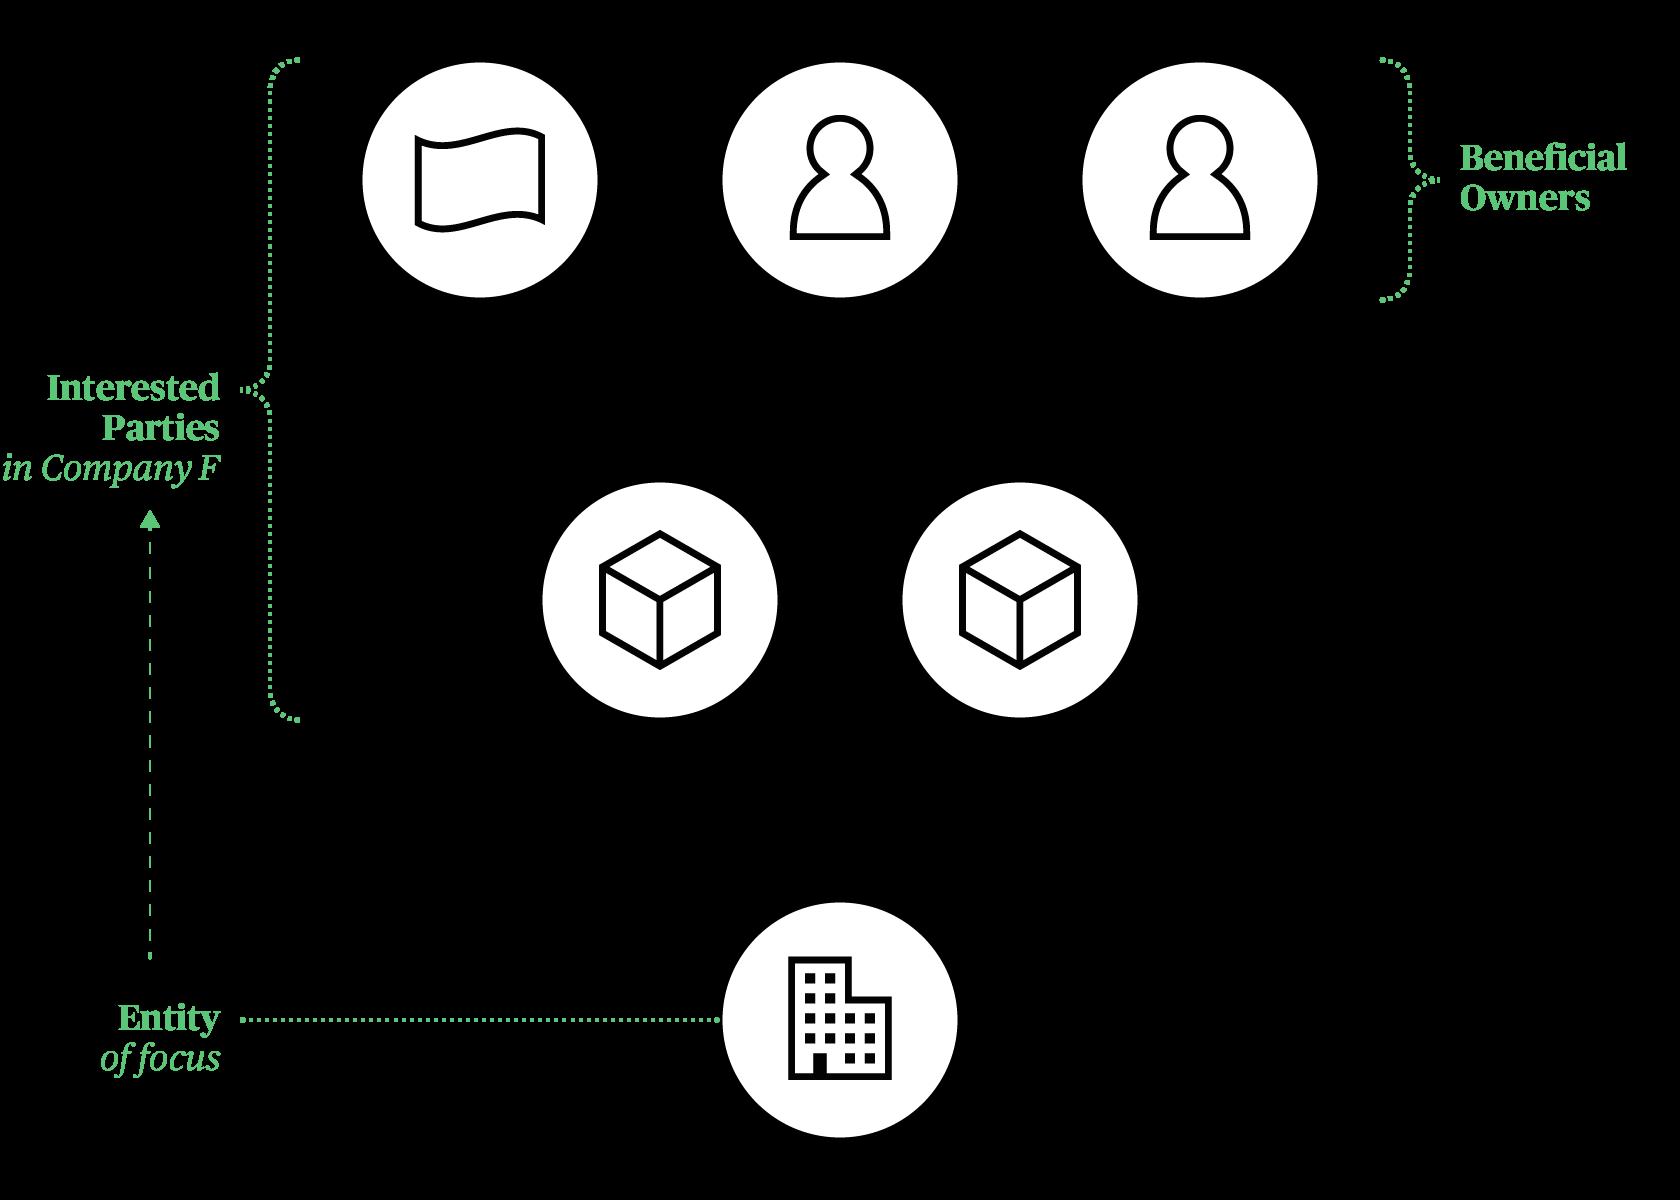 BOVS Diagram with Entity Focus